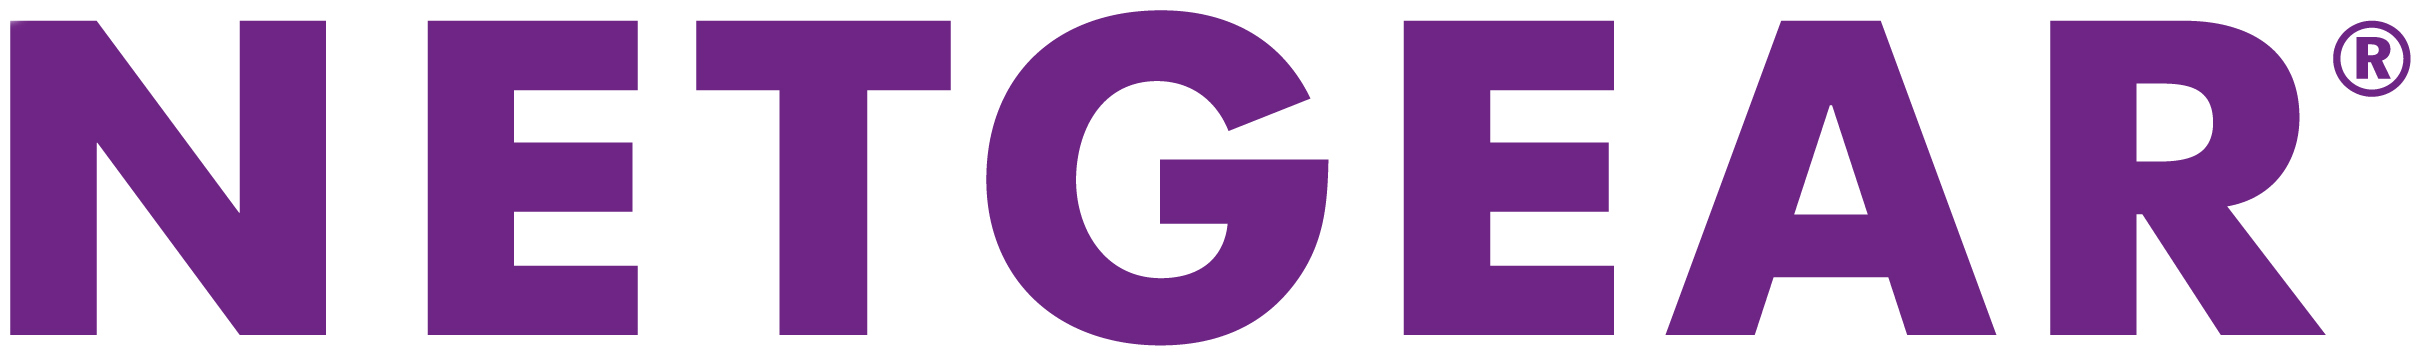 NETGEAR Logo